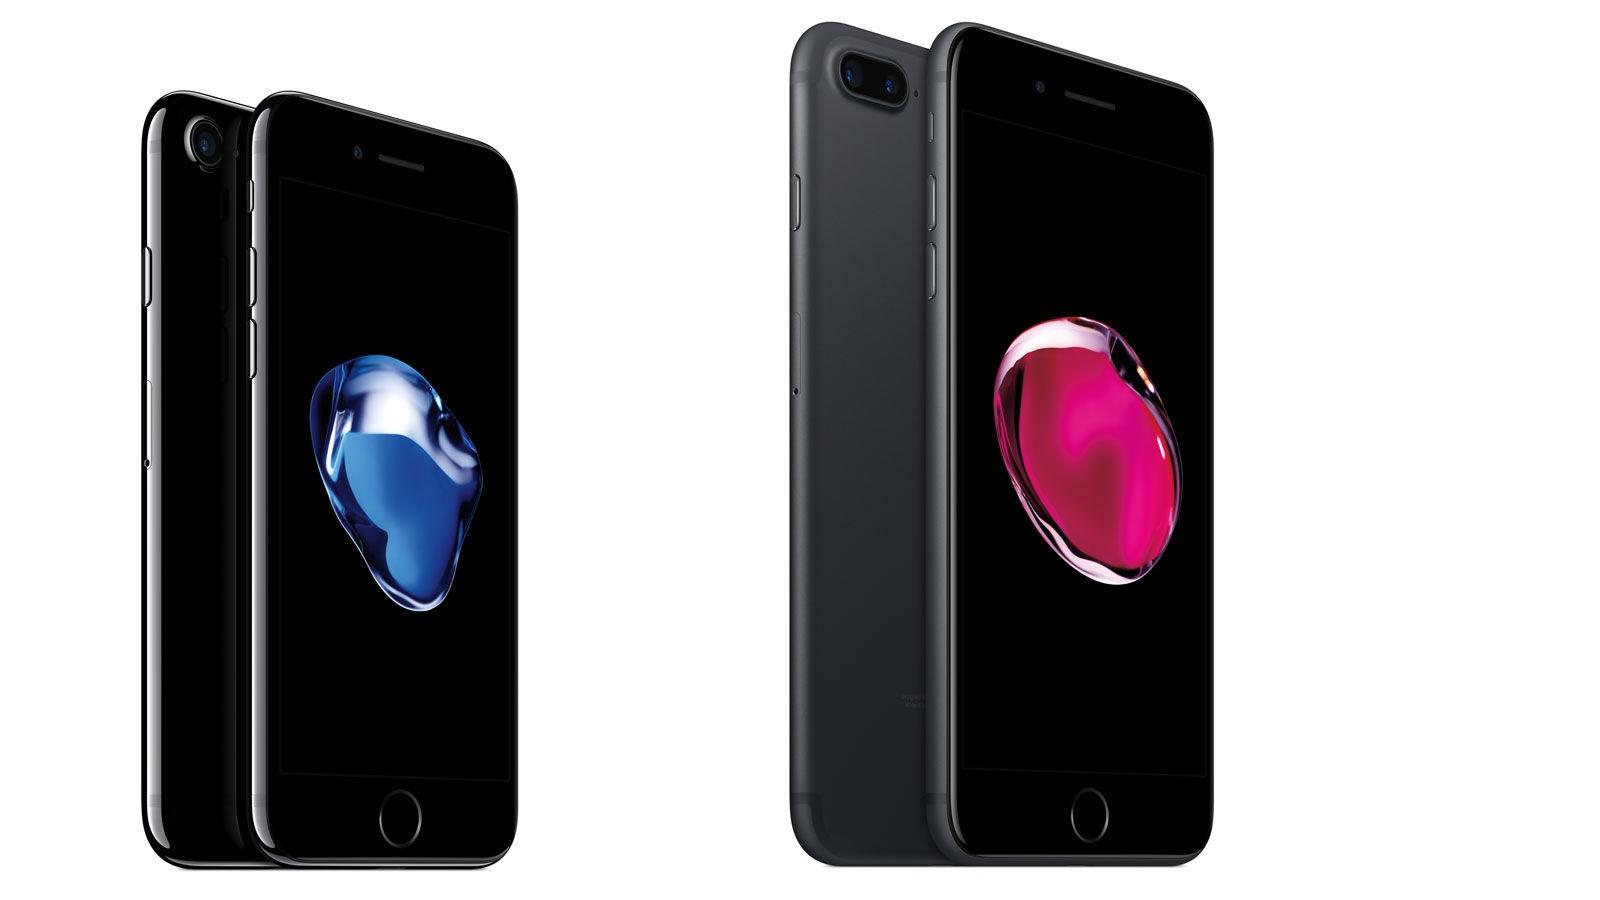 unnamed file 607 - iPhone 7 đã có bảng giá chính hãng, dự kiến bán từ 15/10